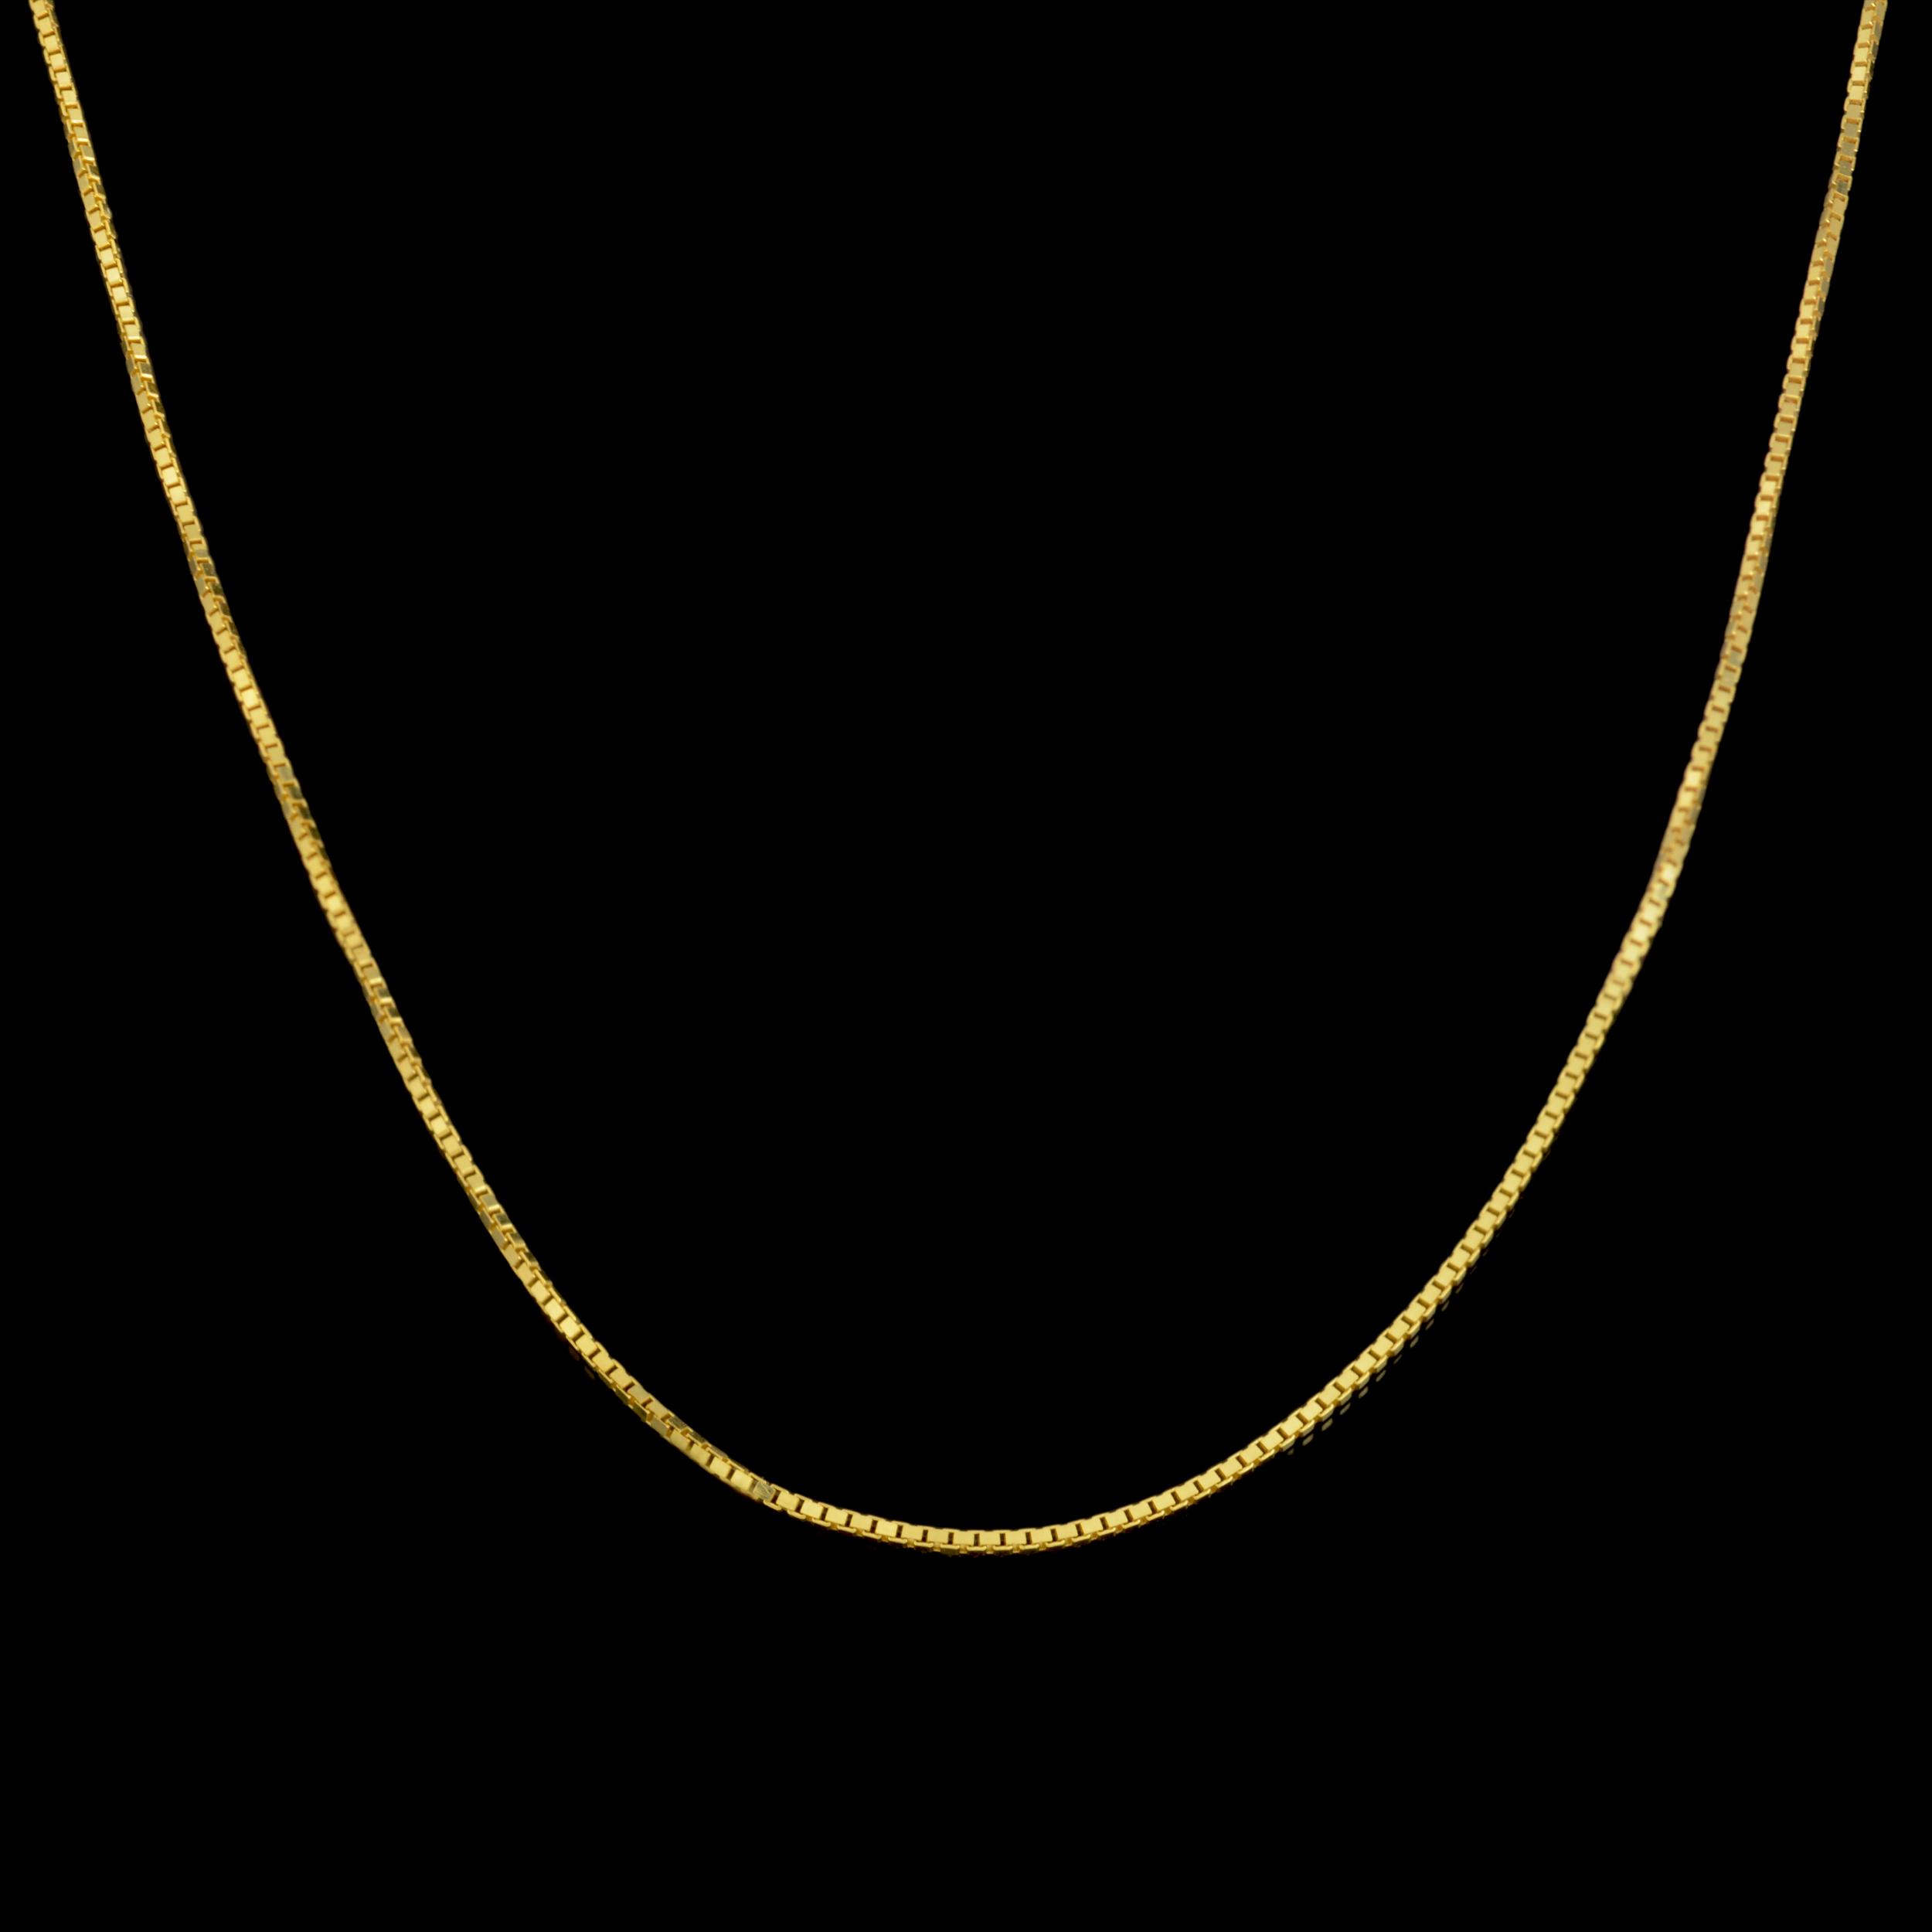 زنجیر طلا 18 عیار زنانه طلای مستجابی مدل ونیزی M03